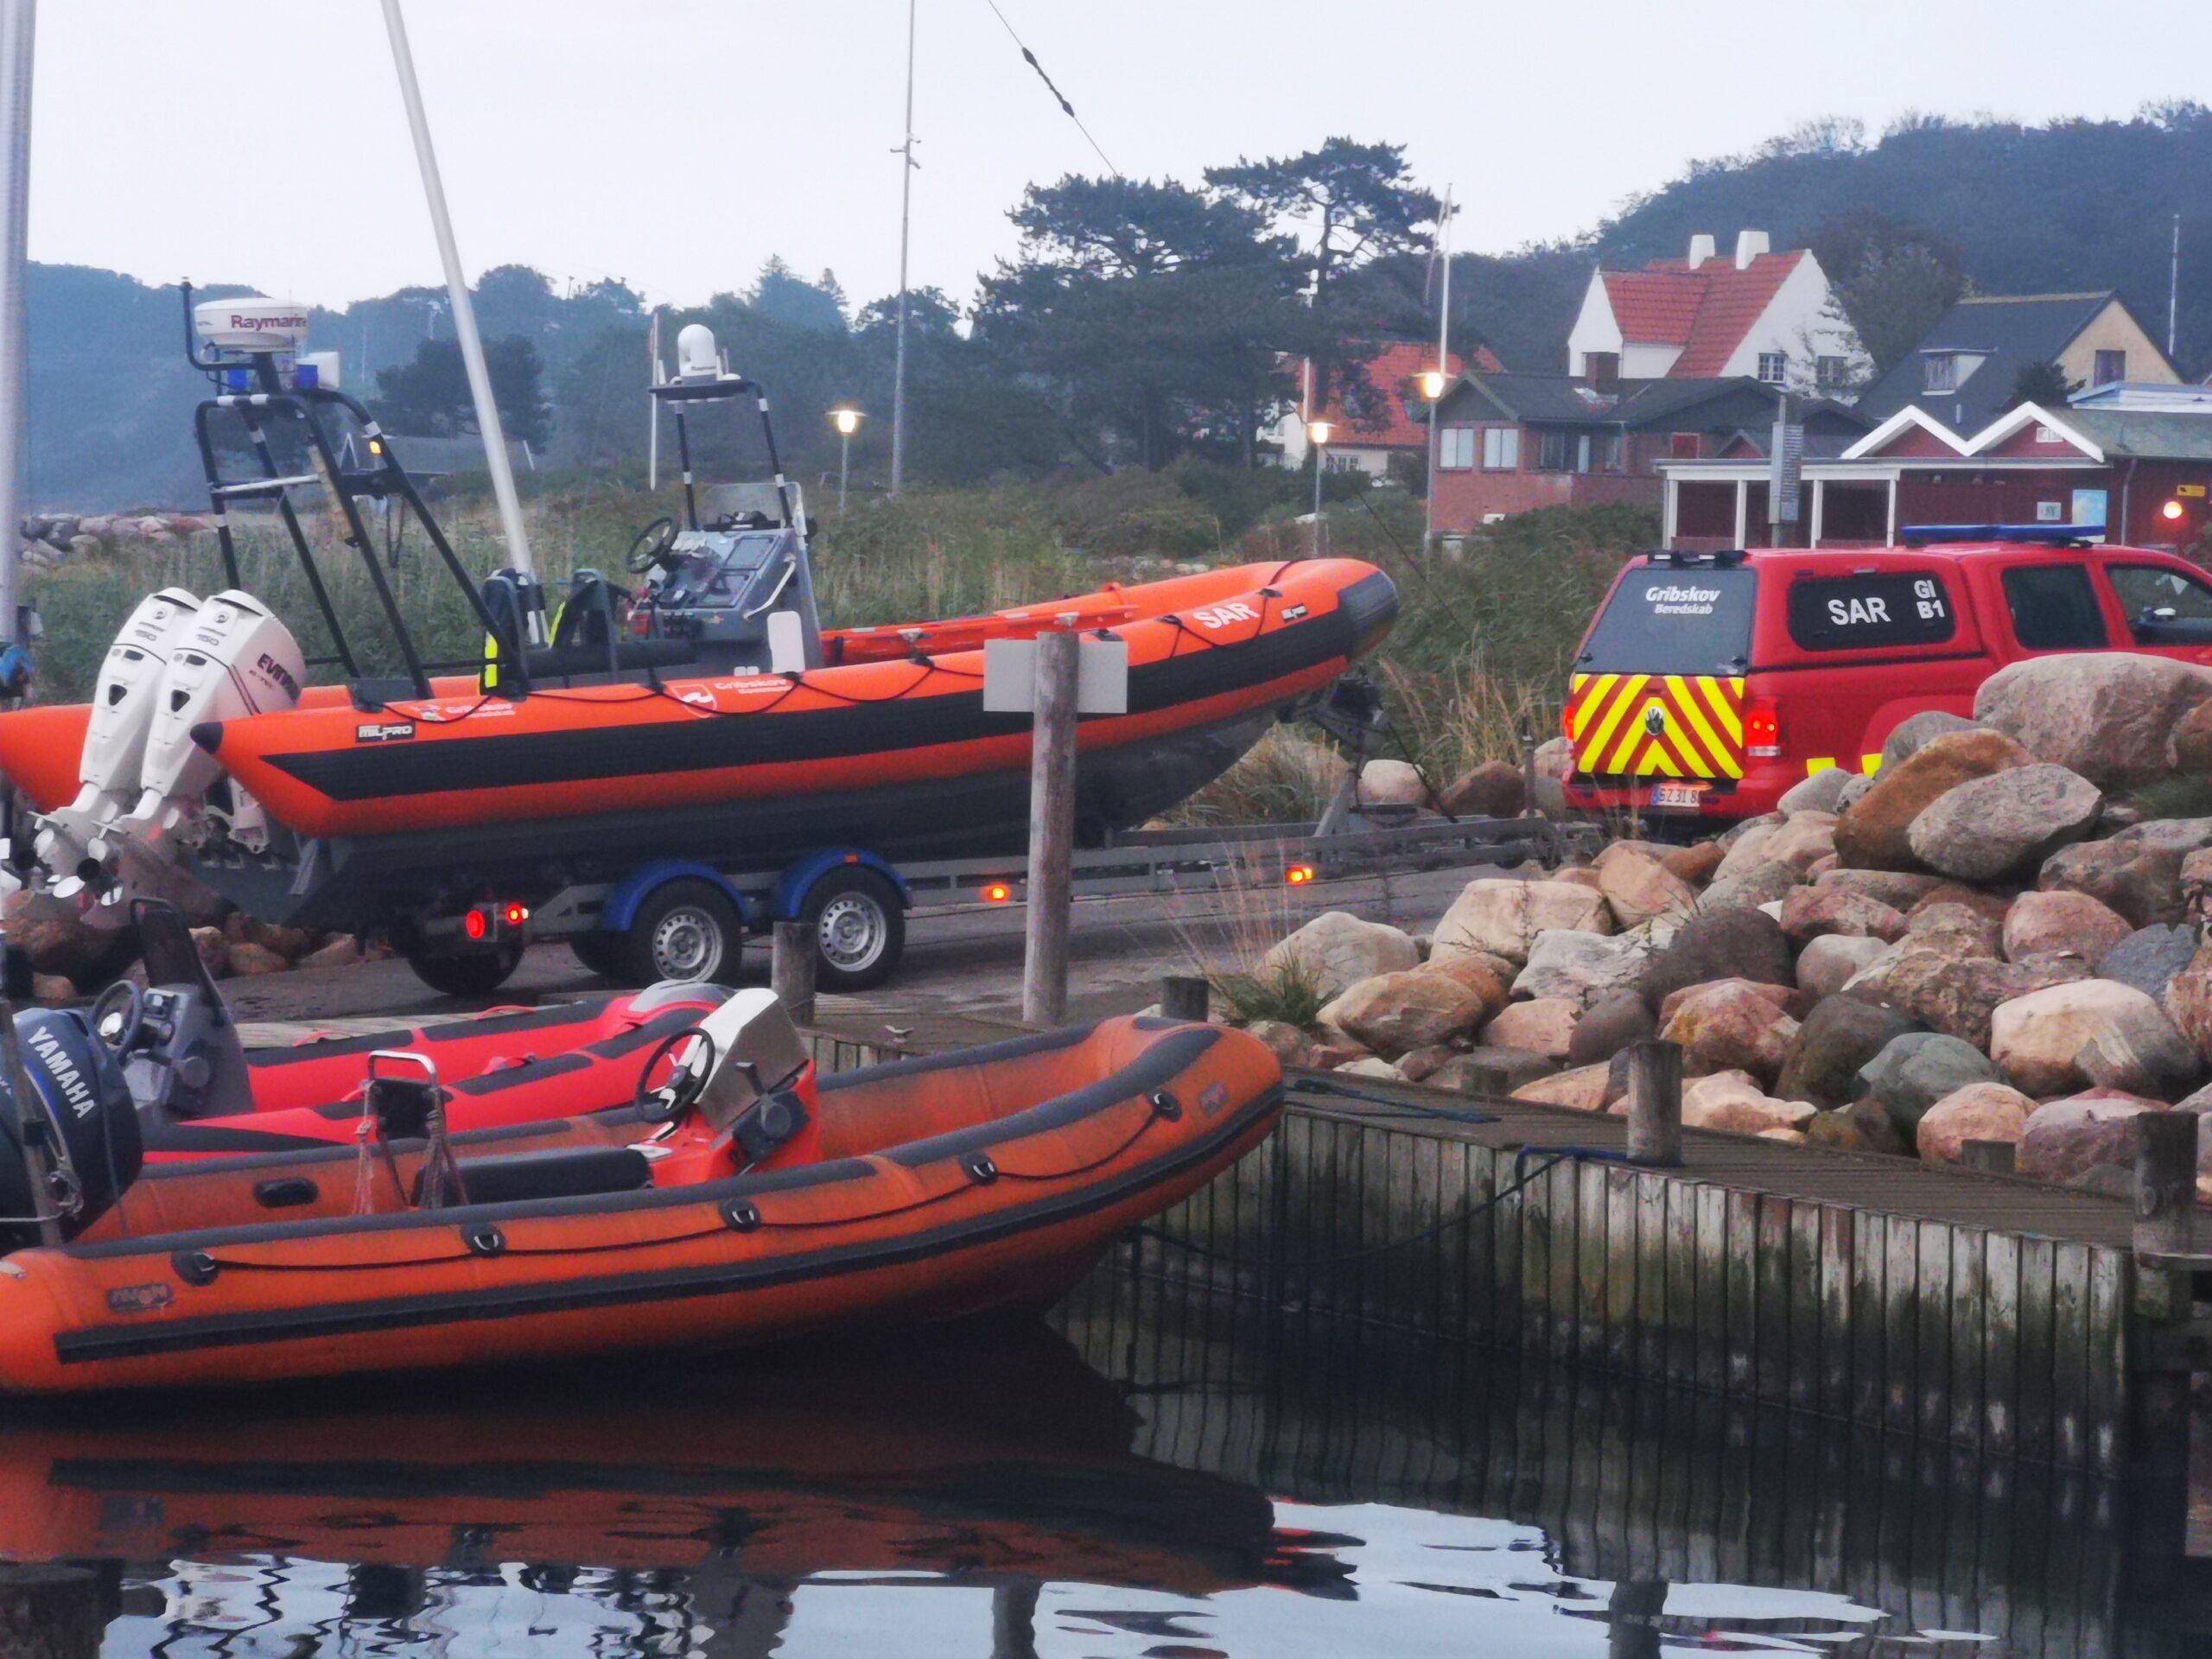 Oliefilm på vandet - Brandvæsnet til stede på Gilleleje havn